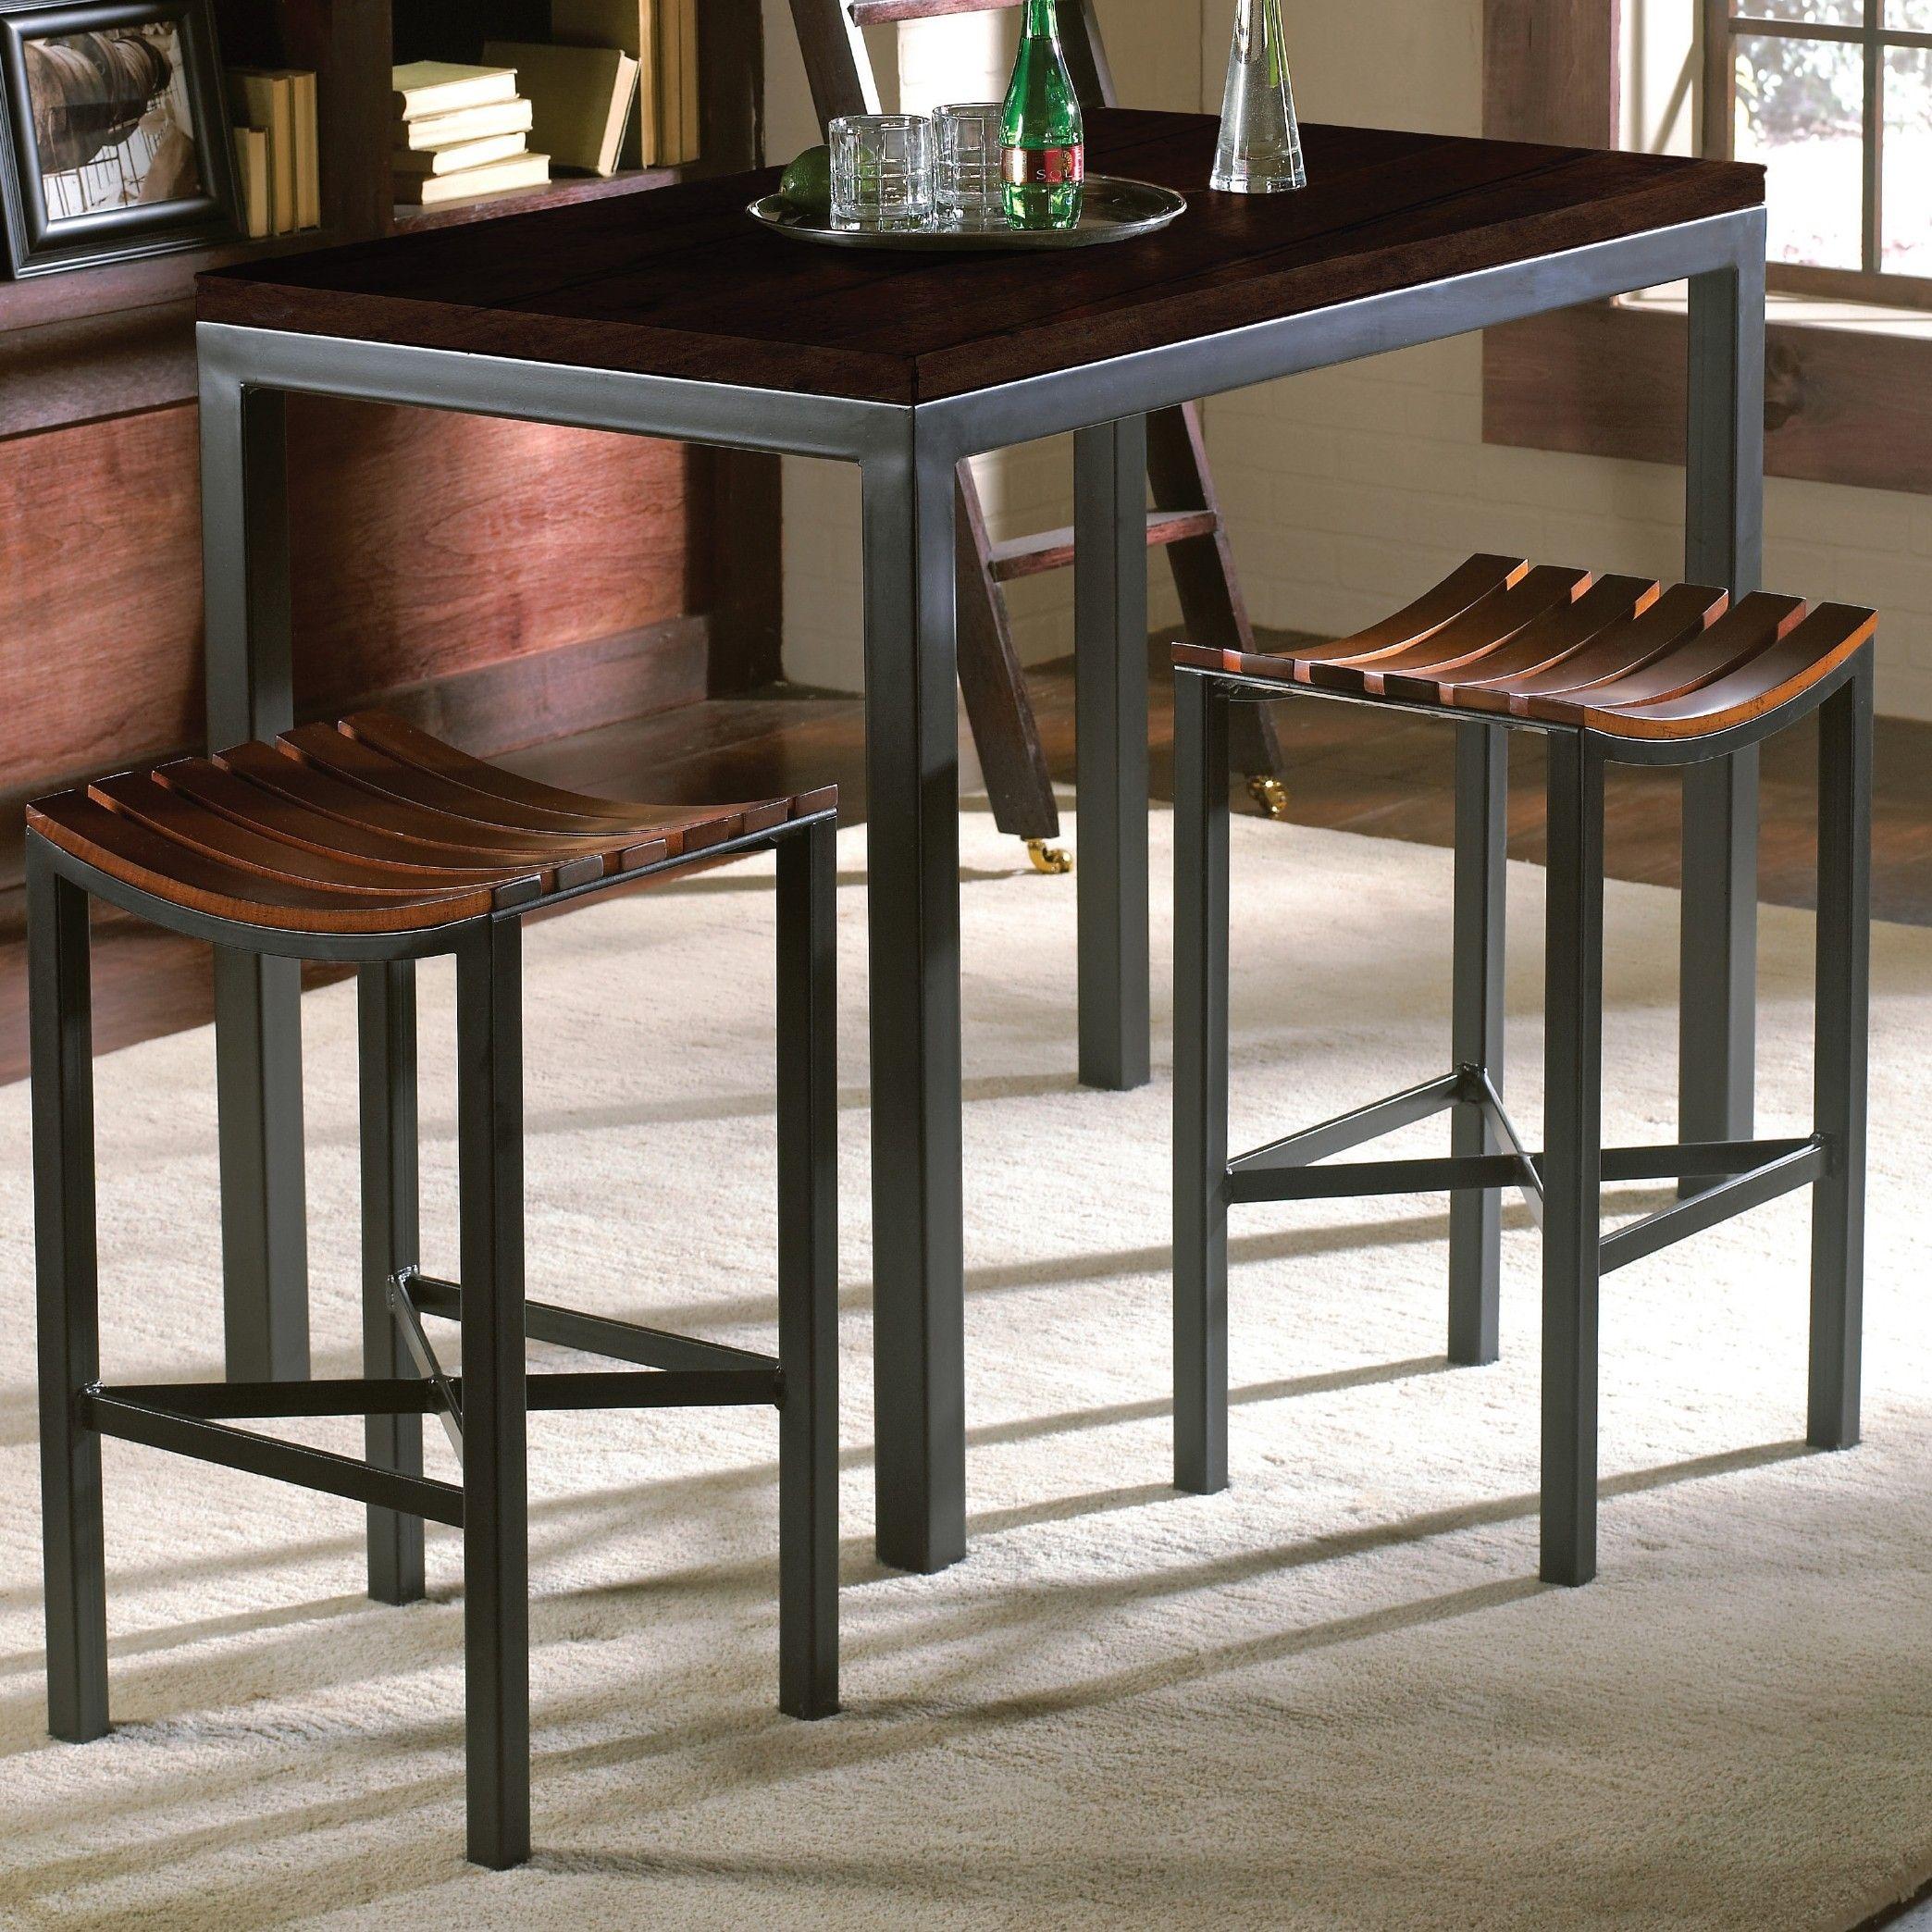 Holz Theke Hohe Barhocker Stuhlede Com Barhocker Tisch Und Stuhle Moderne Barhocker